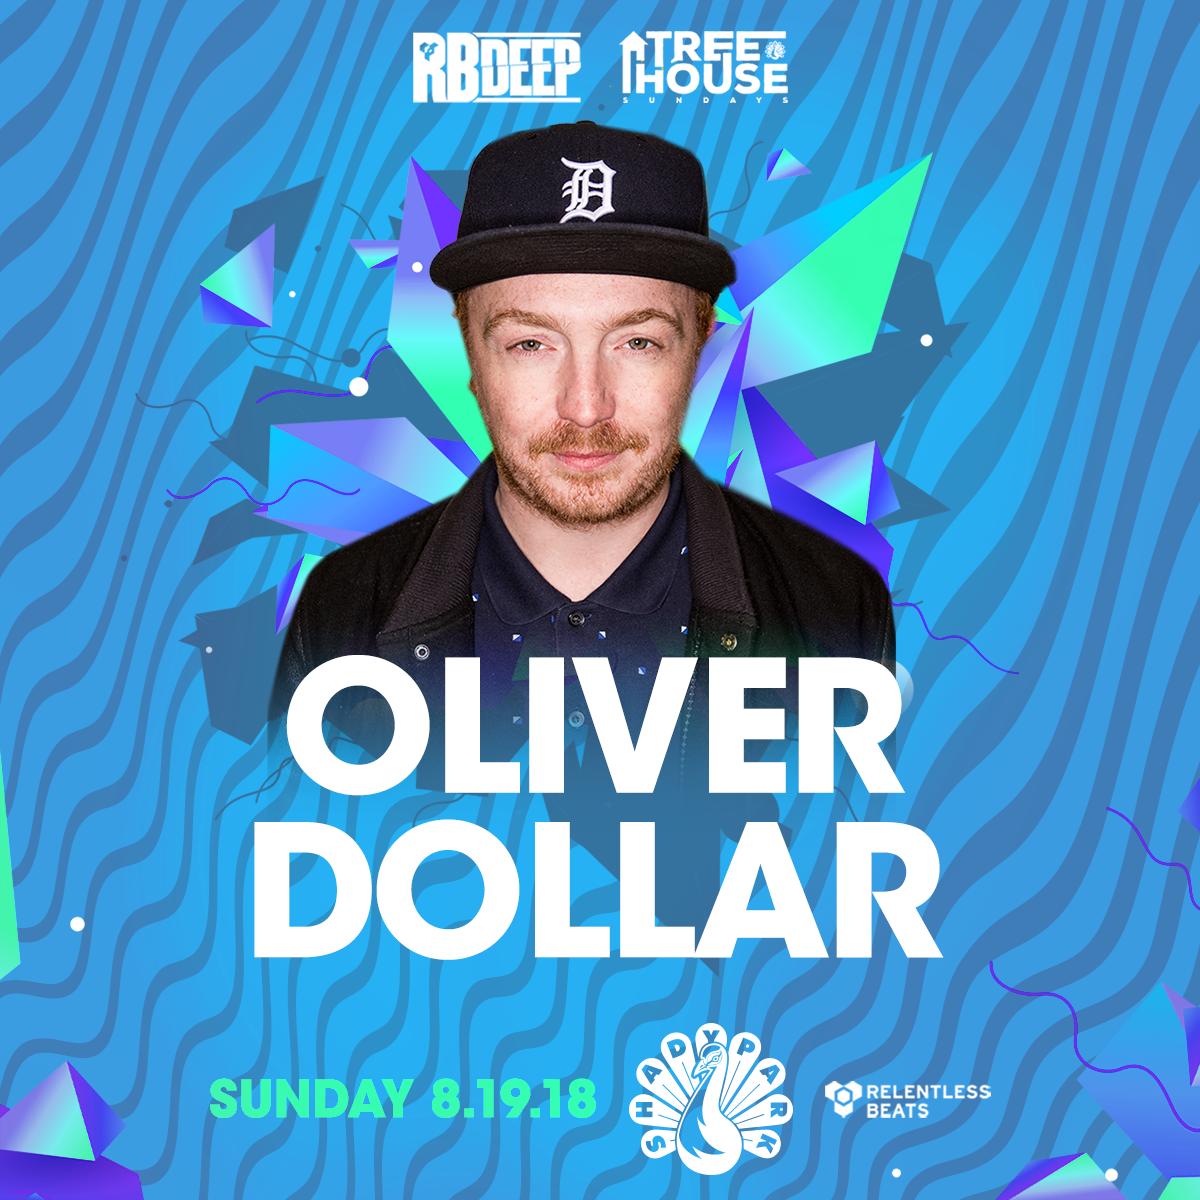 Flyer for Oliver Dollar